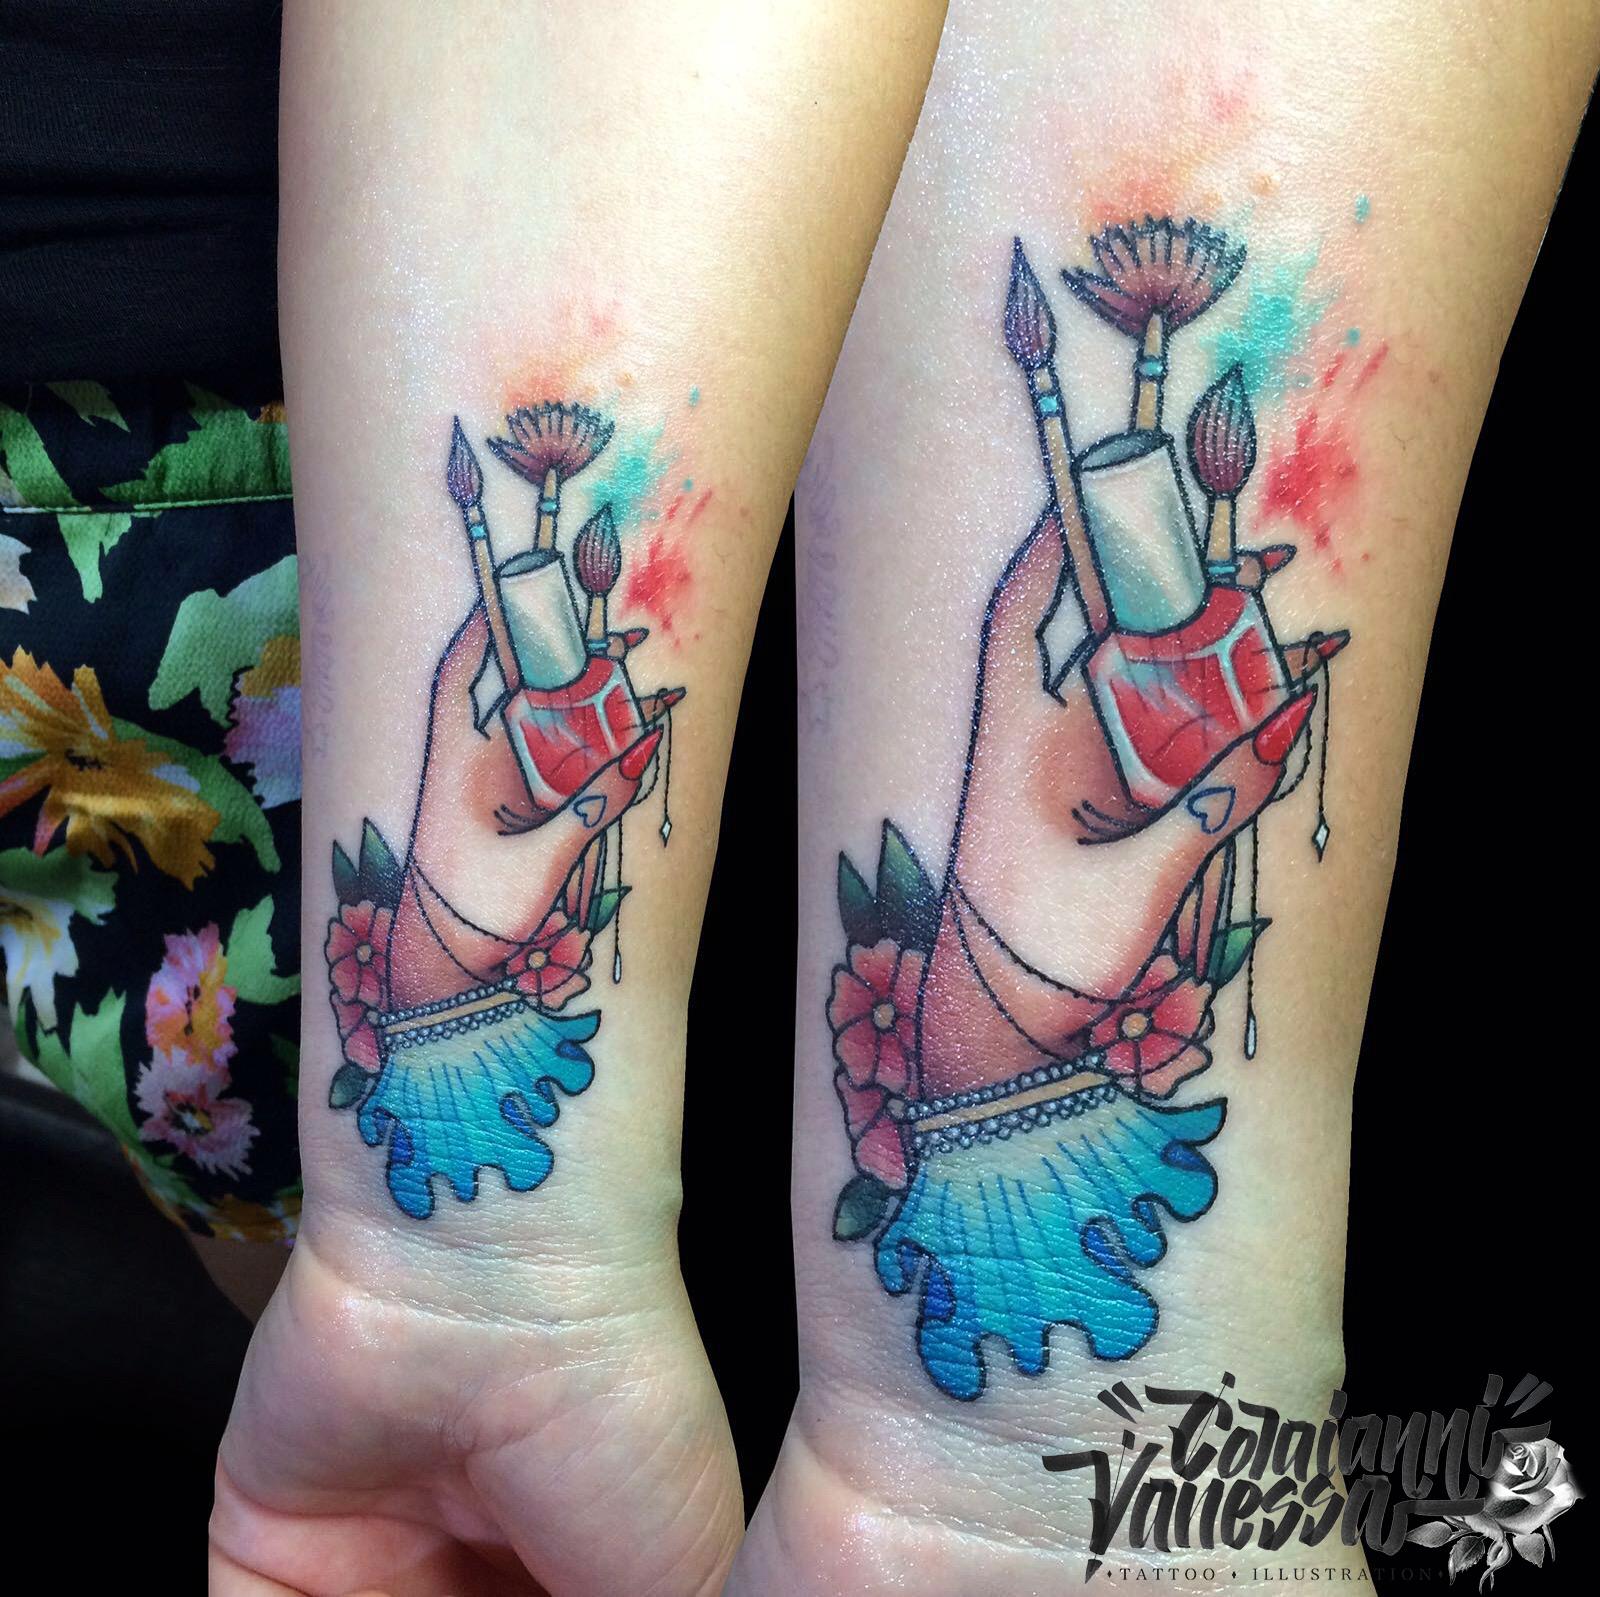 Tatuaje mano vintage esteticista